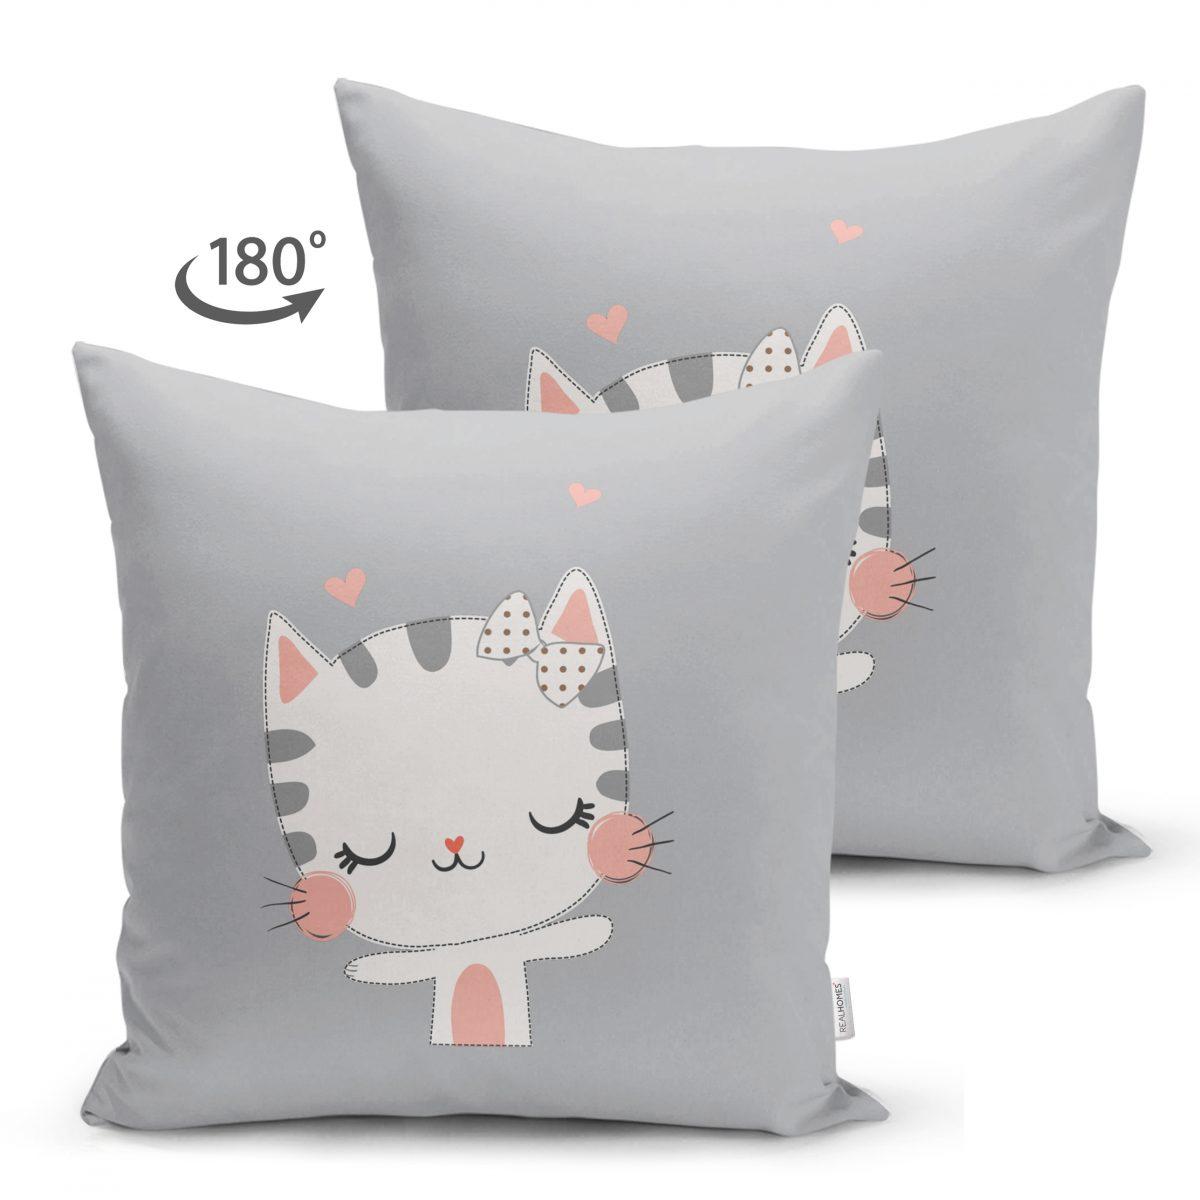 Çift Taraflı Sevimli Kedicik Desenli Çocuk Odası Süet Yastık Kırlent Kılıfı Realhomes